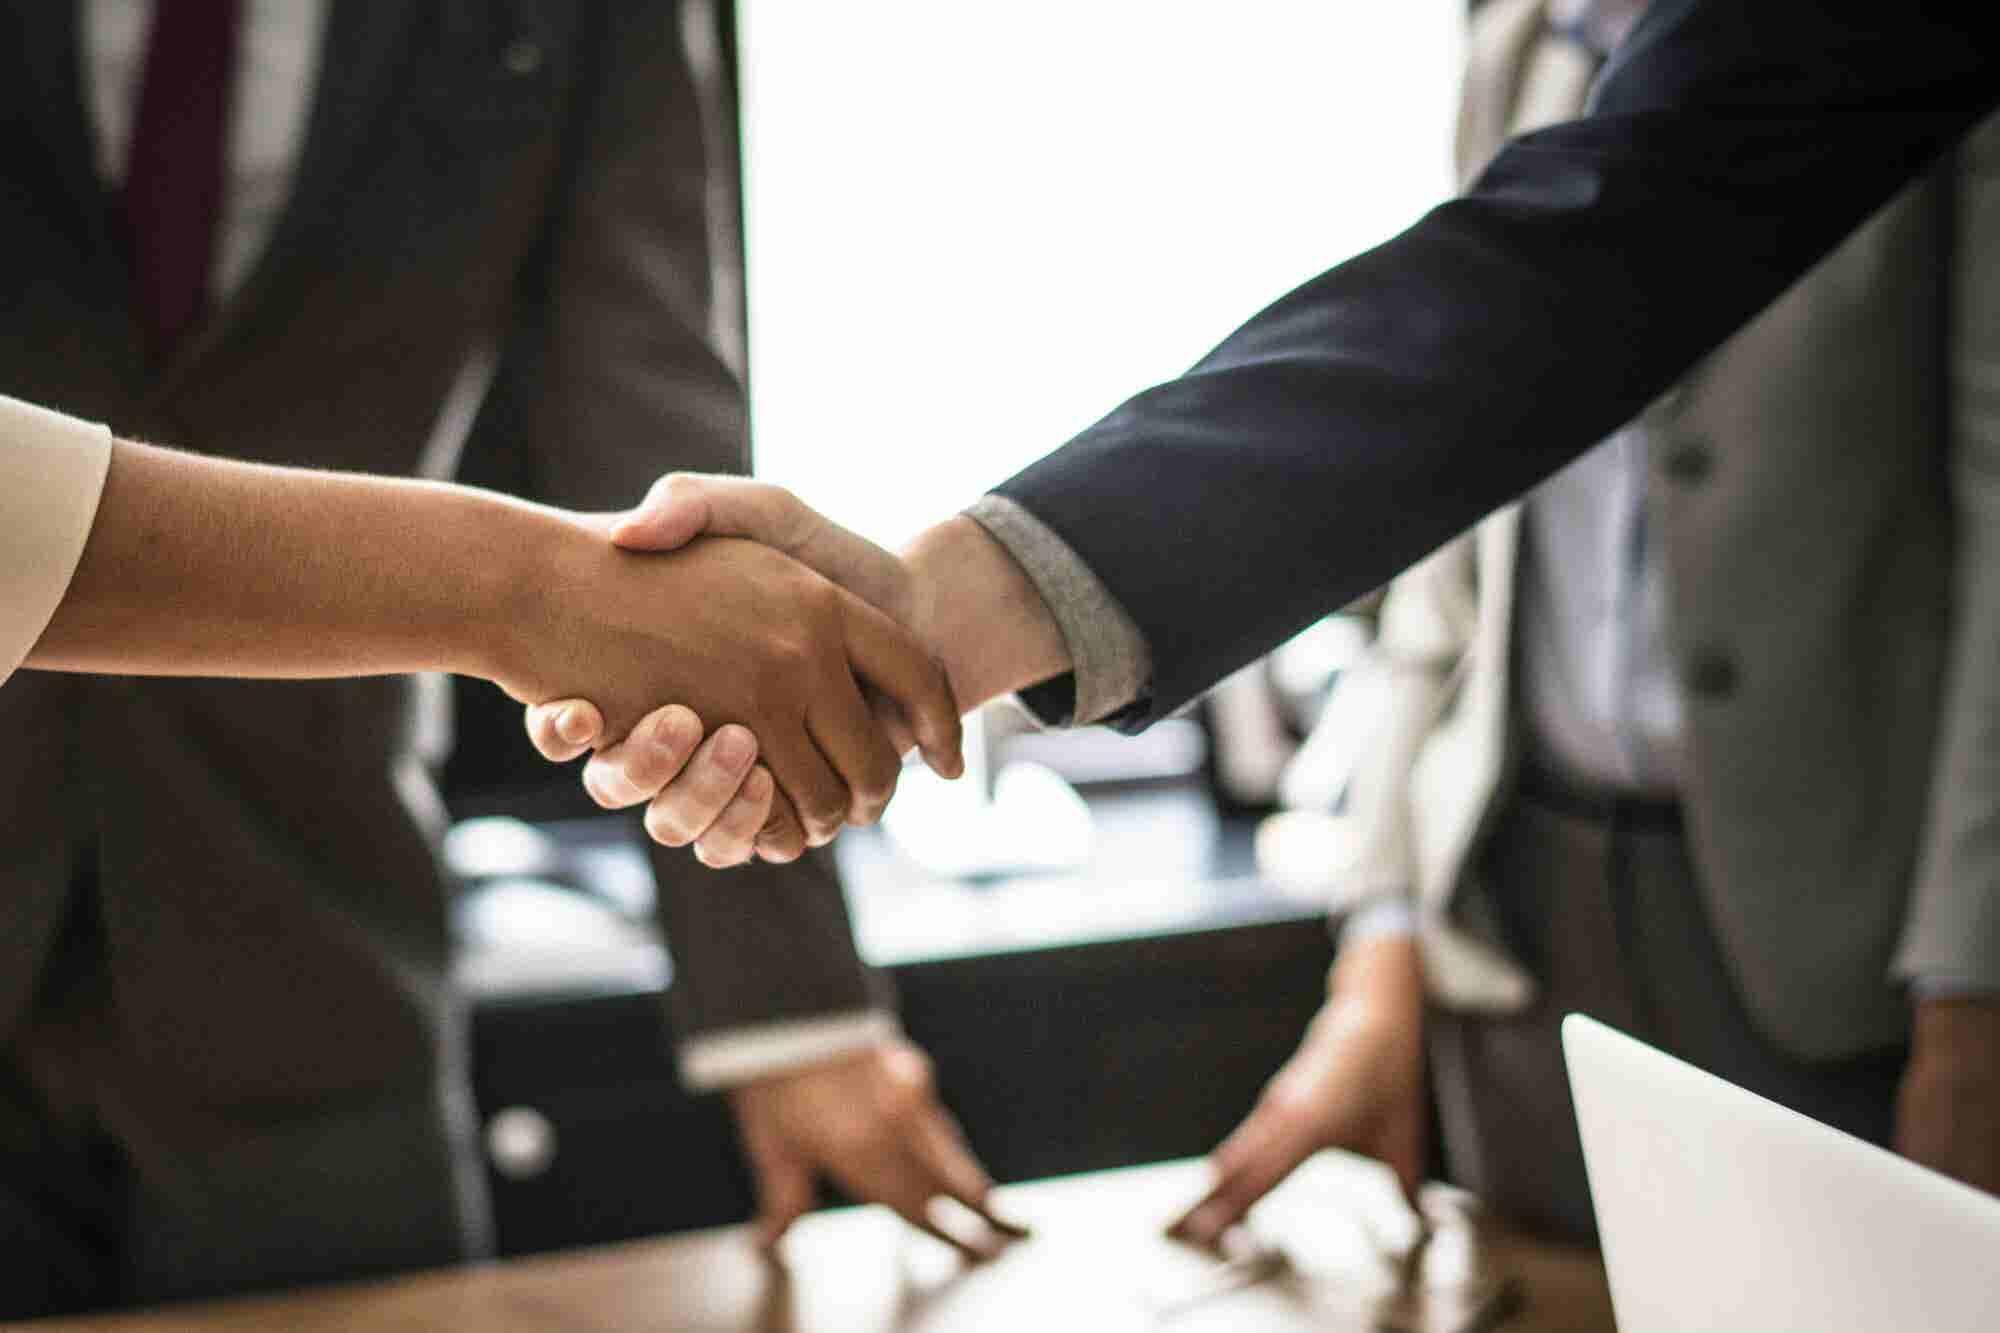 ¿Estás buscando trabajo? Conoce las 5 claves para 'pasar con 10' una entrevista